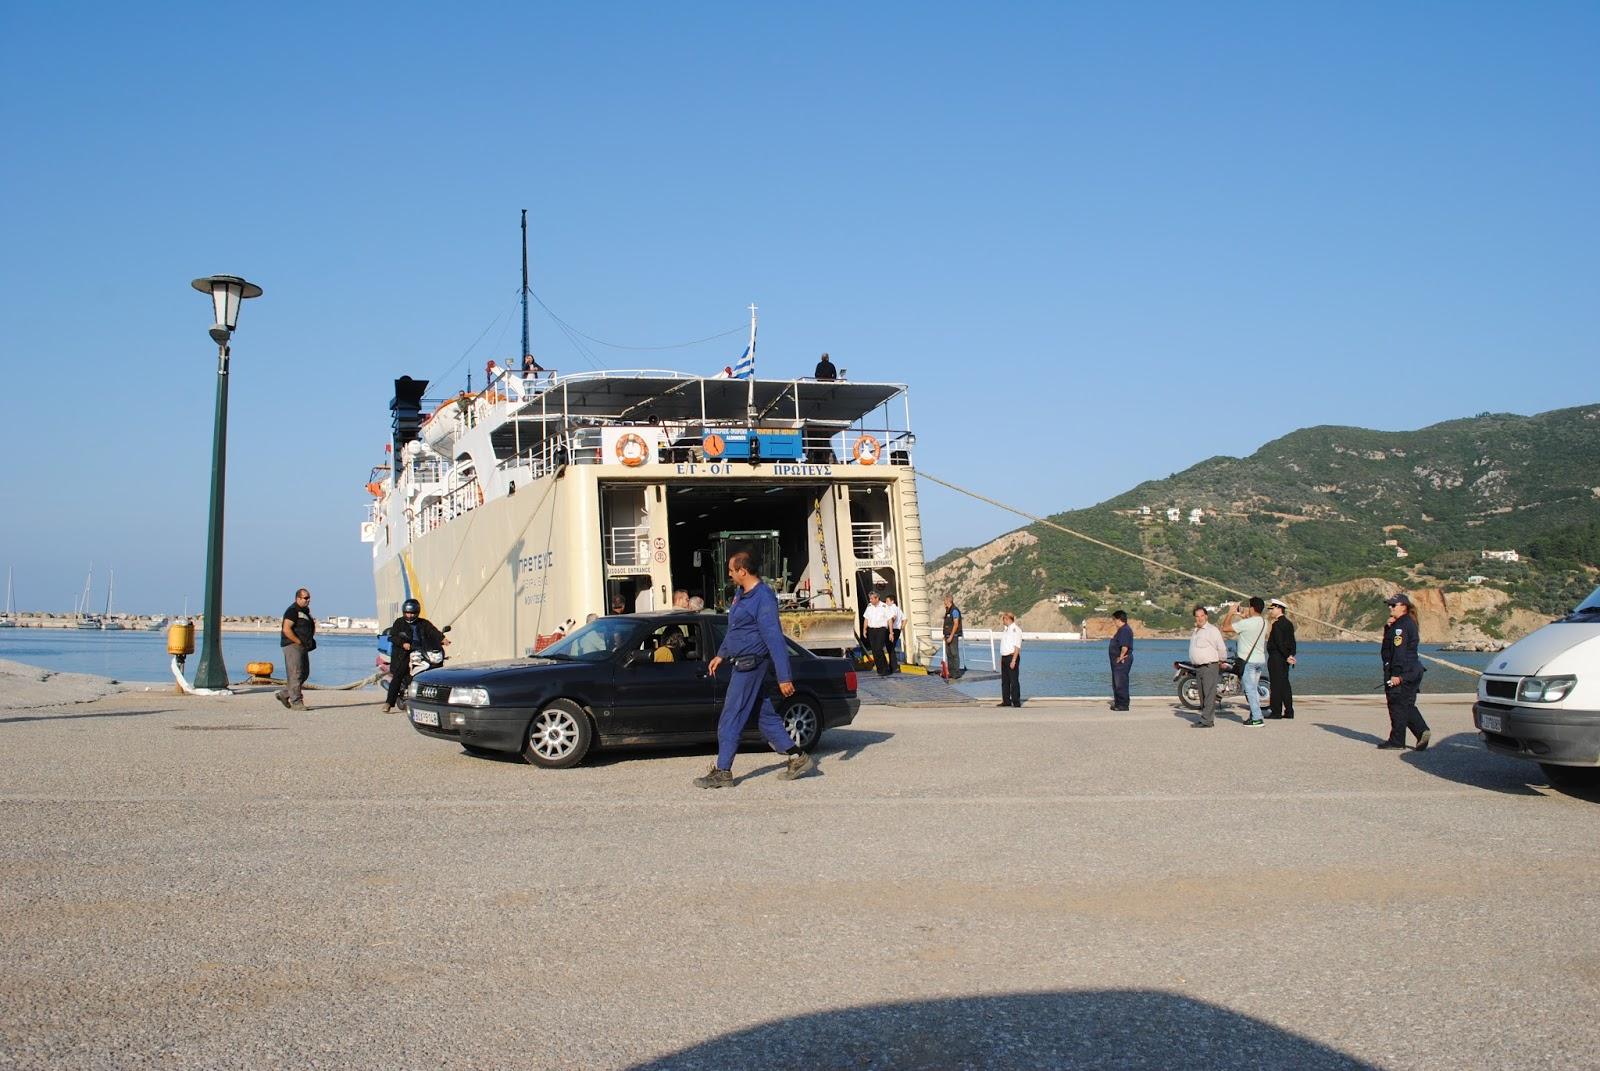 Κανονικά τα δρομολόγια των πλοίων από Βόλο προς Σποράδες παρά την απεργία